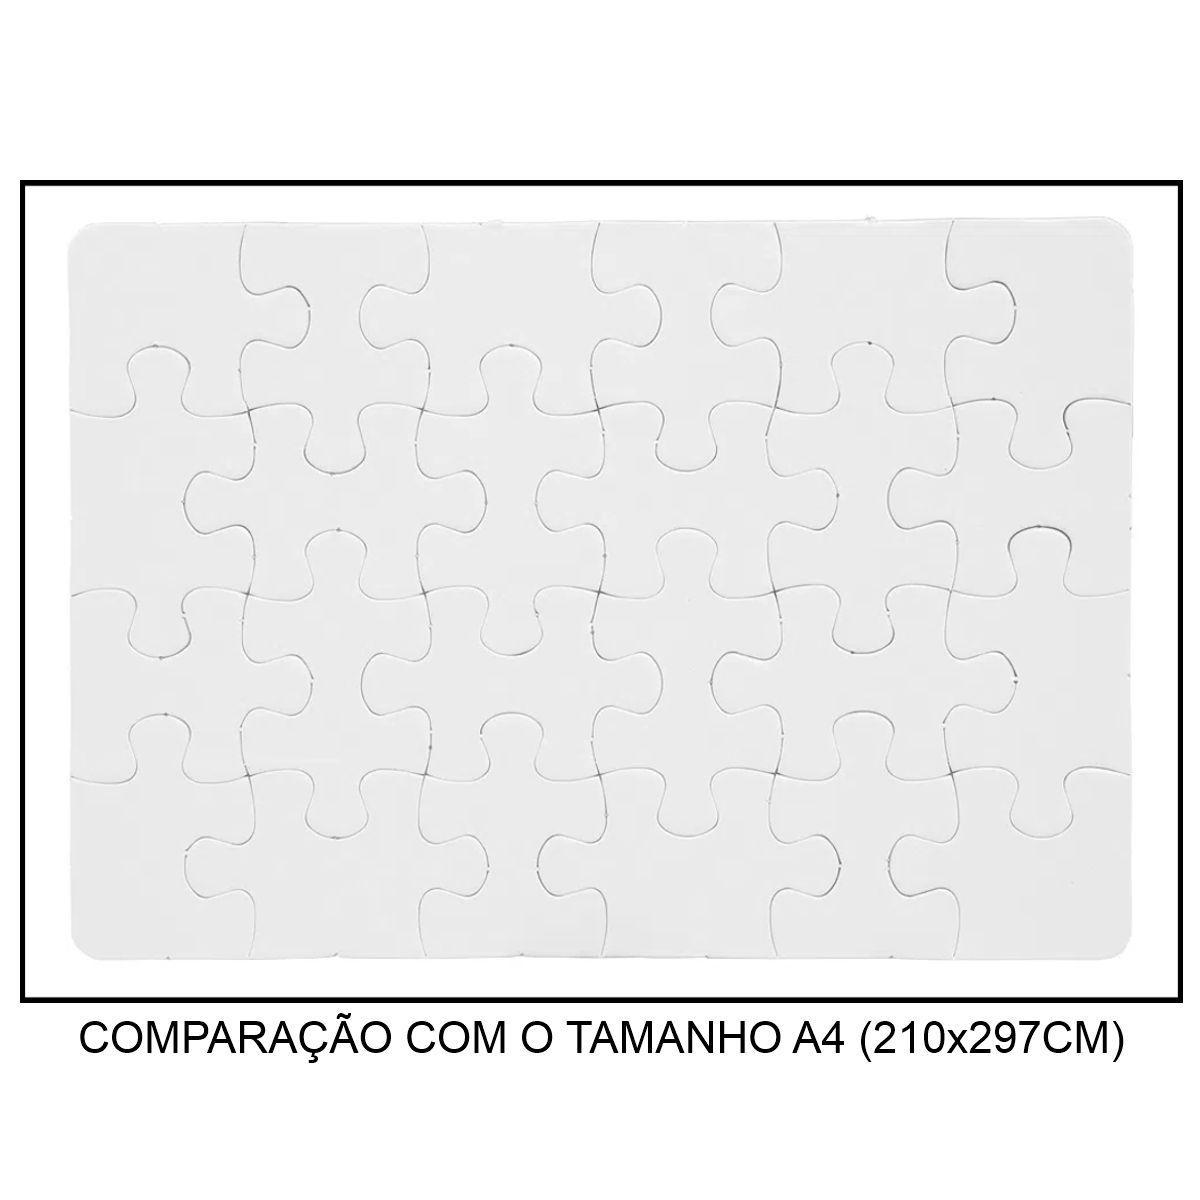 QUEBRA-CABEÇA BRANCO PARA SUBLIMAÇÃO - TAMANHO: 19x27CM (A4) - 24 PEÇAS